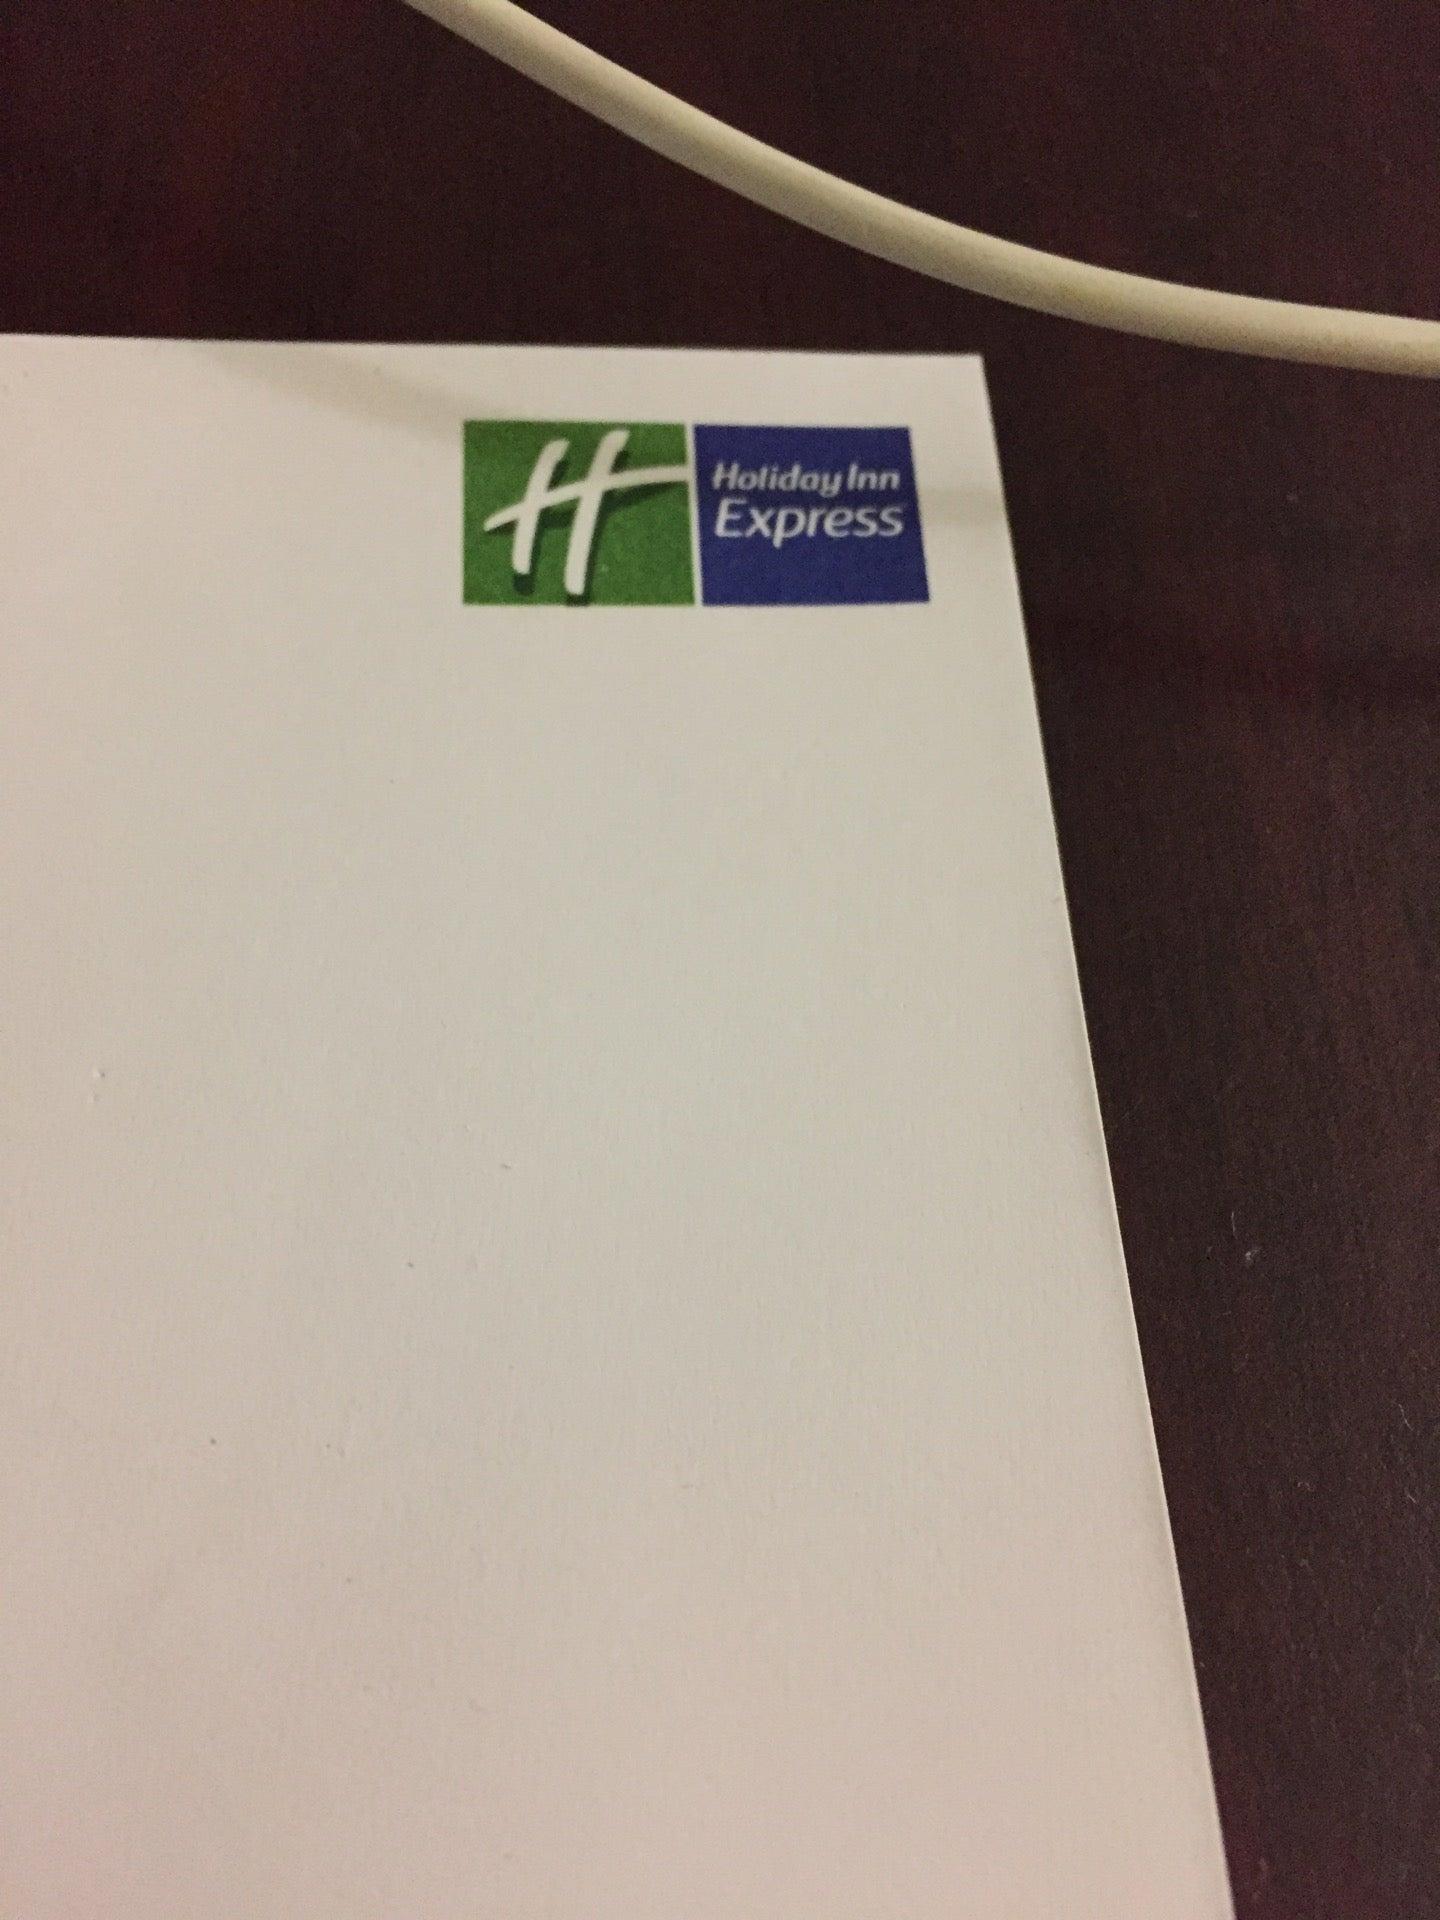 Holiday Inn Express Celina,